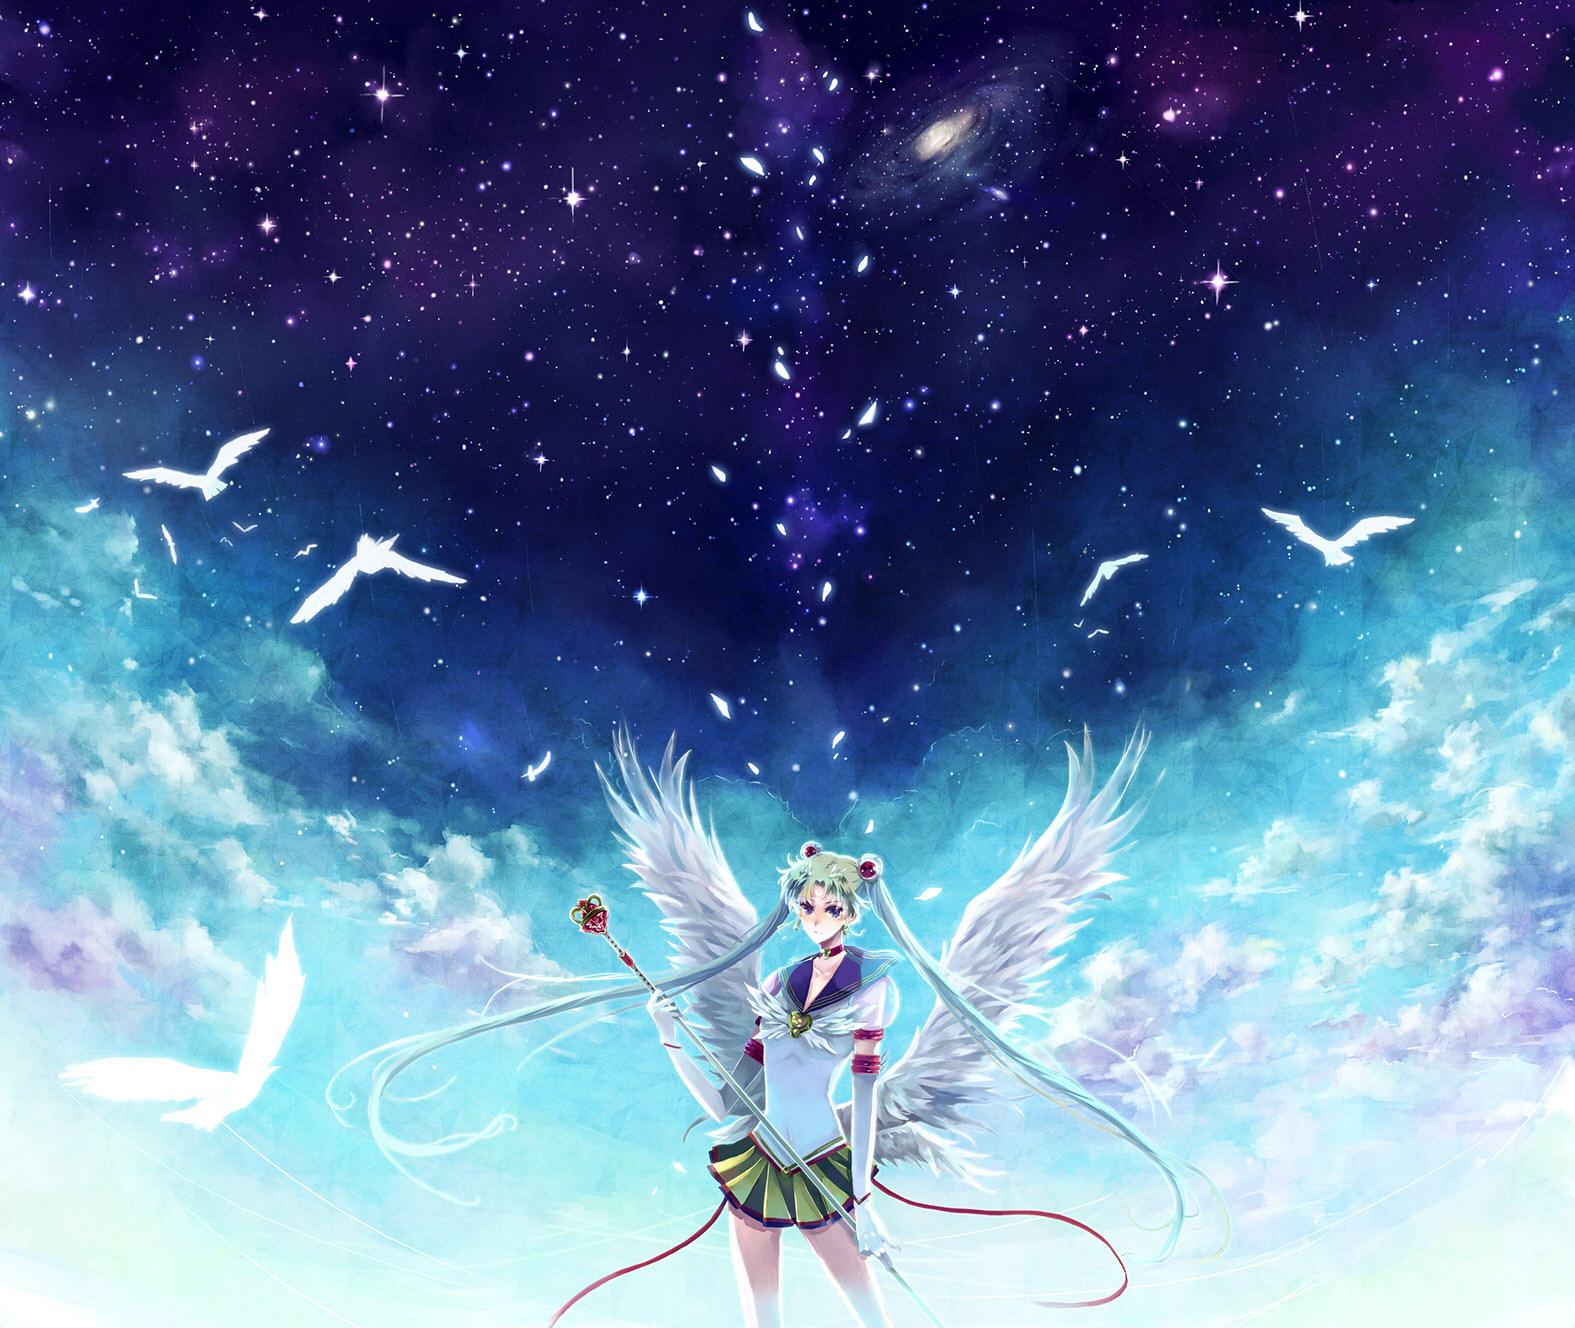 Fondos de pantalla sailor moon anime chicas descargar imagenes - Anime para fondo ...